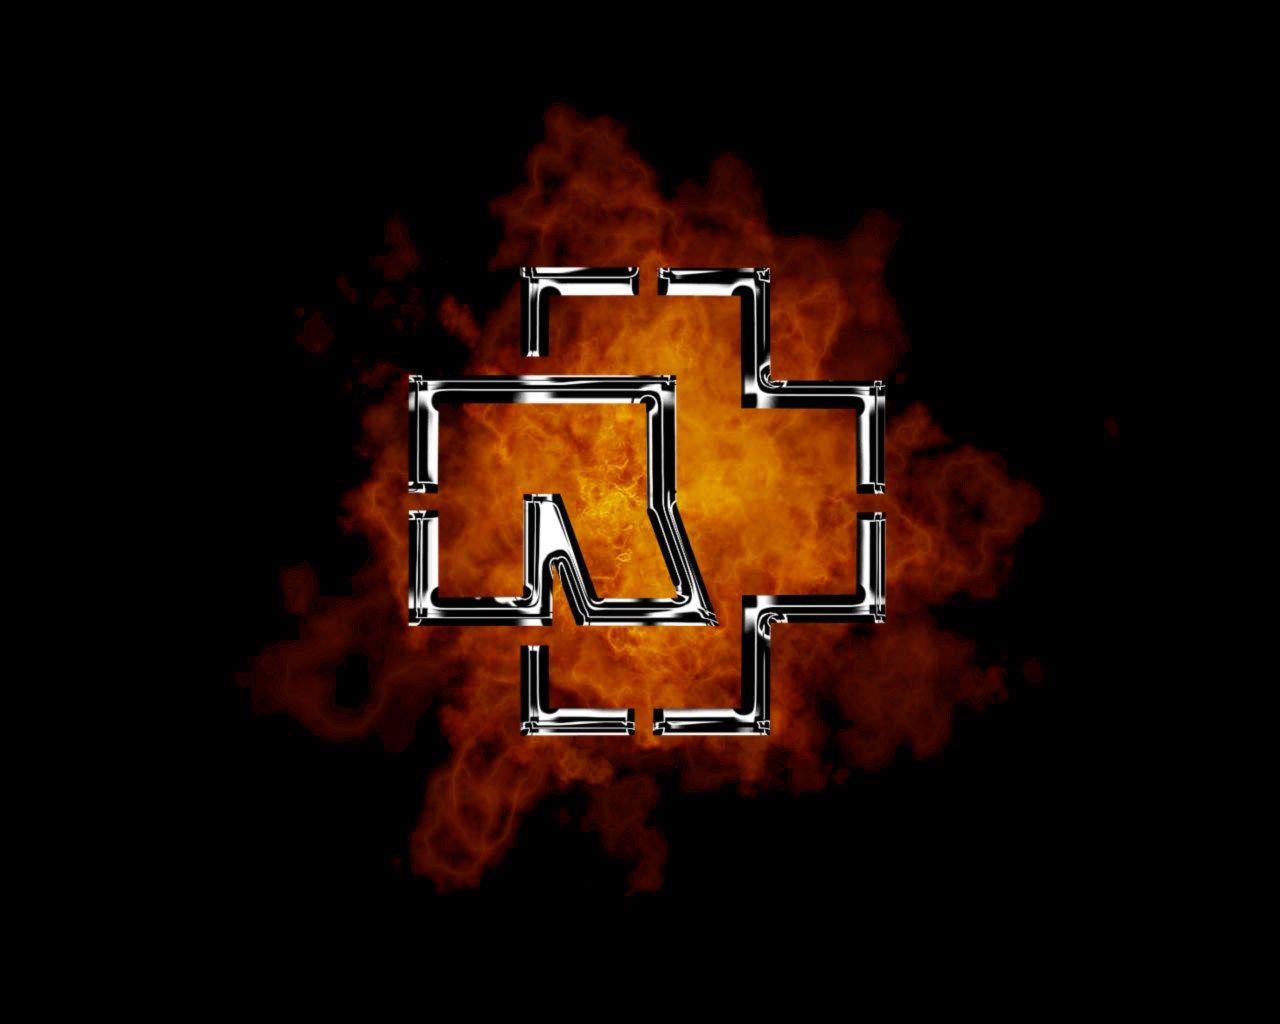 Popular Wallpaper Logo Rammstein - 91895199d9ca07f38d1184e5ecaba42e  Picture_55370.jpg